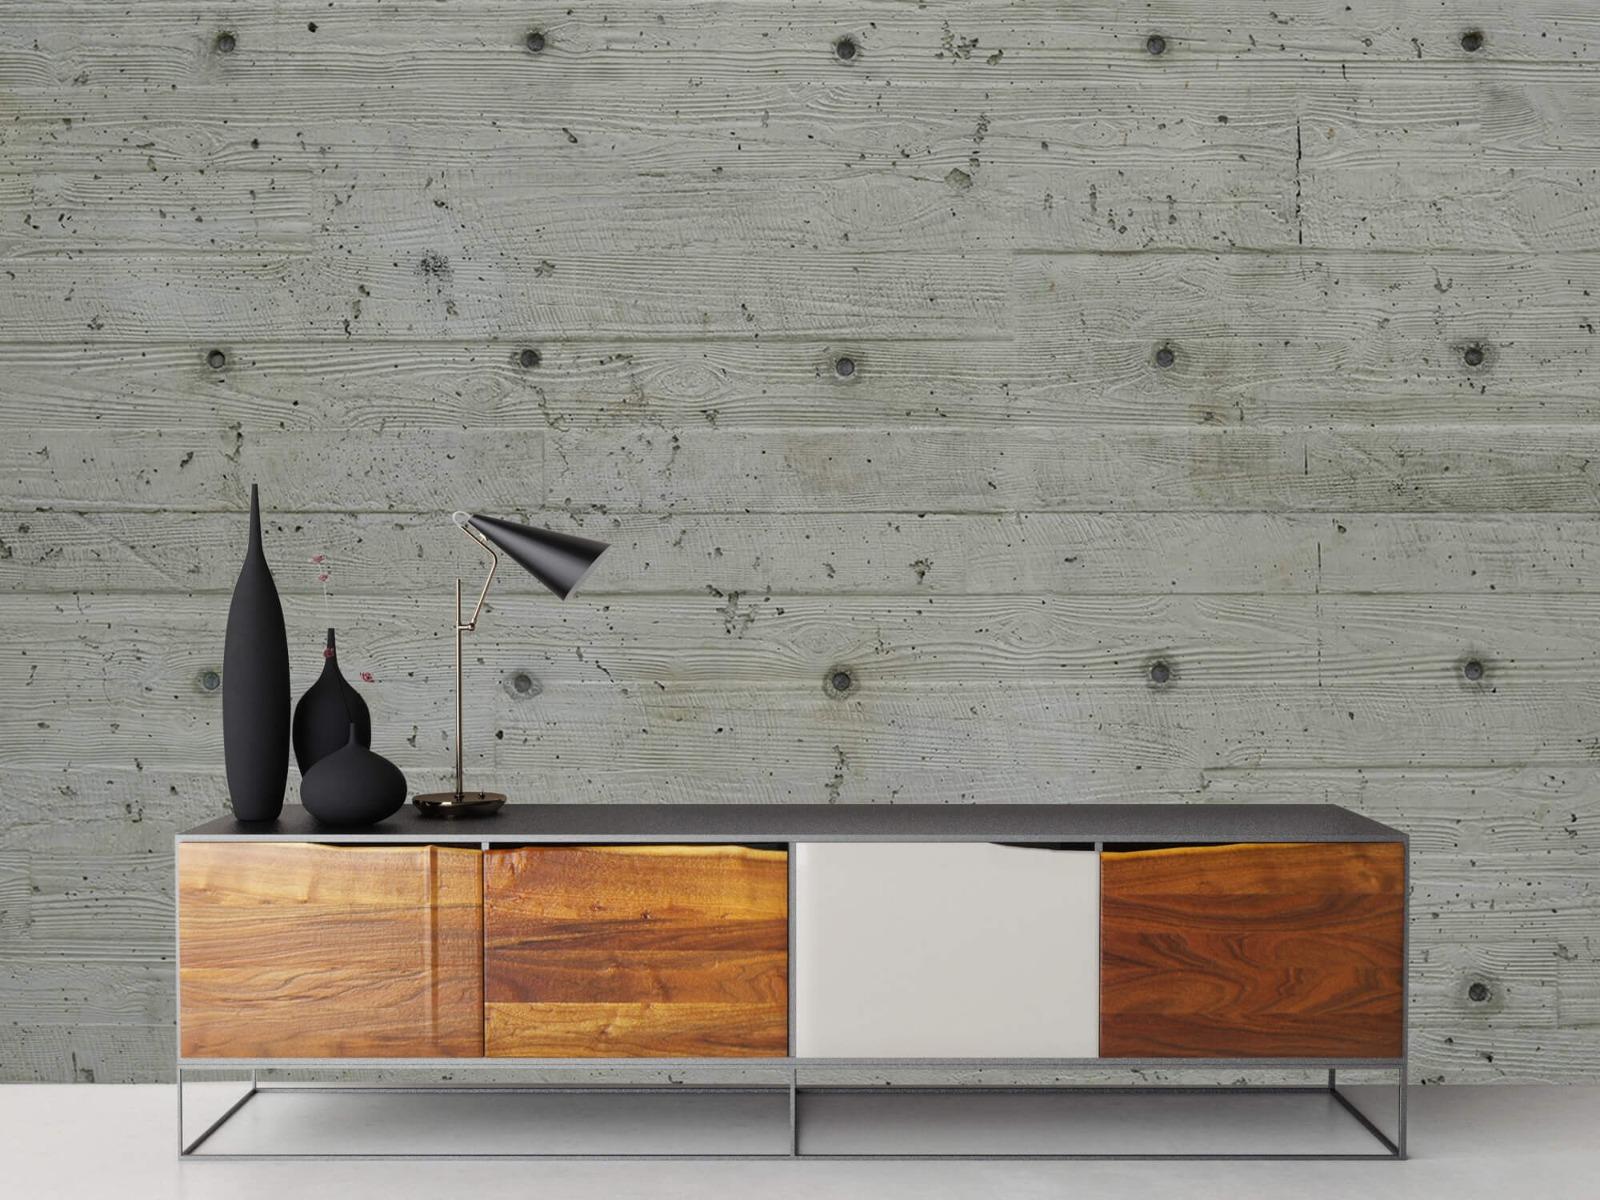 Betonlook behang - Beton met hout look - Slaapkamer 15